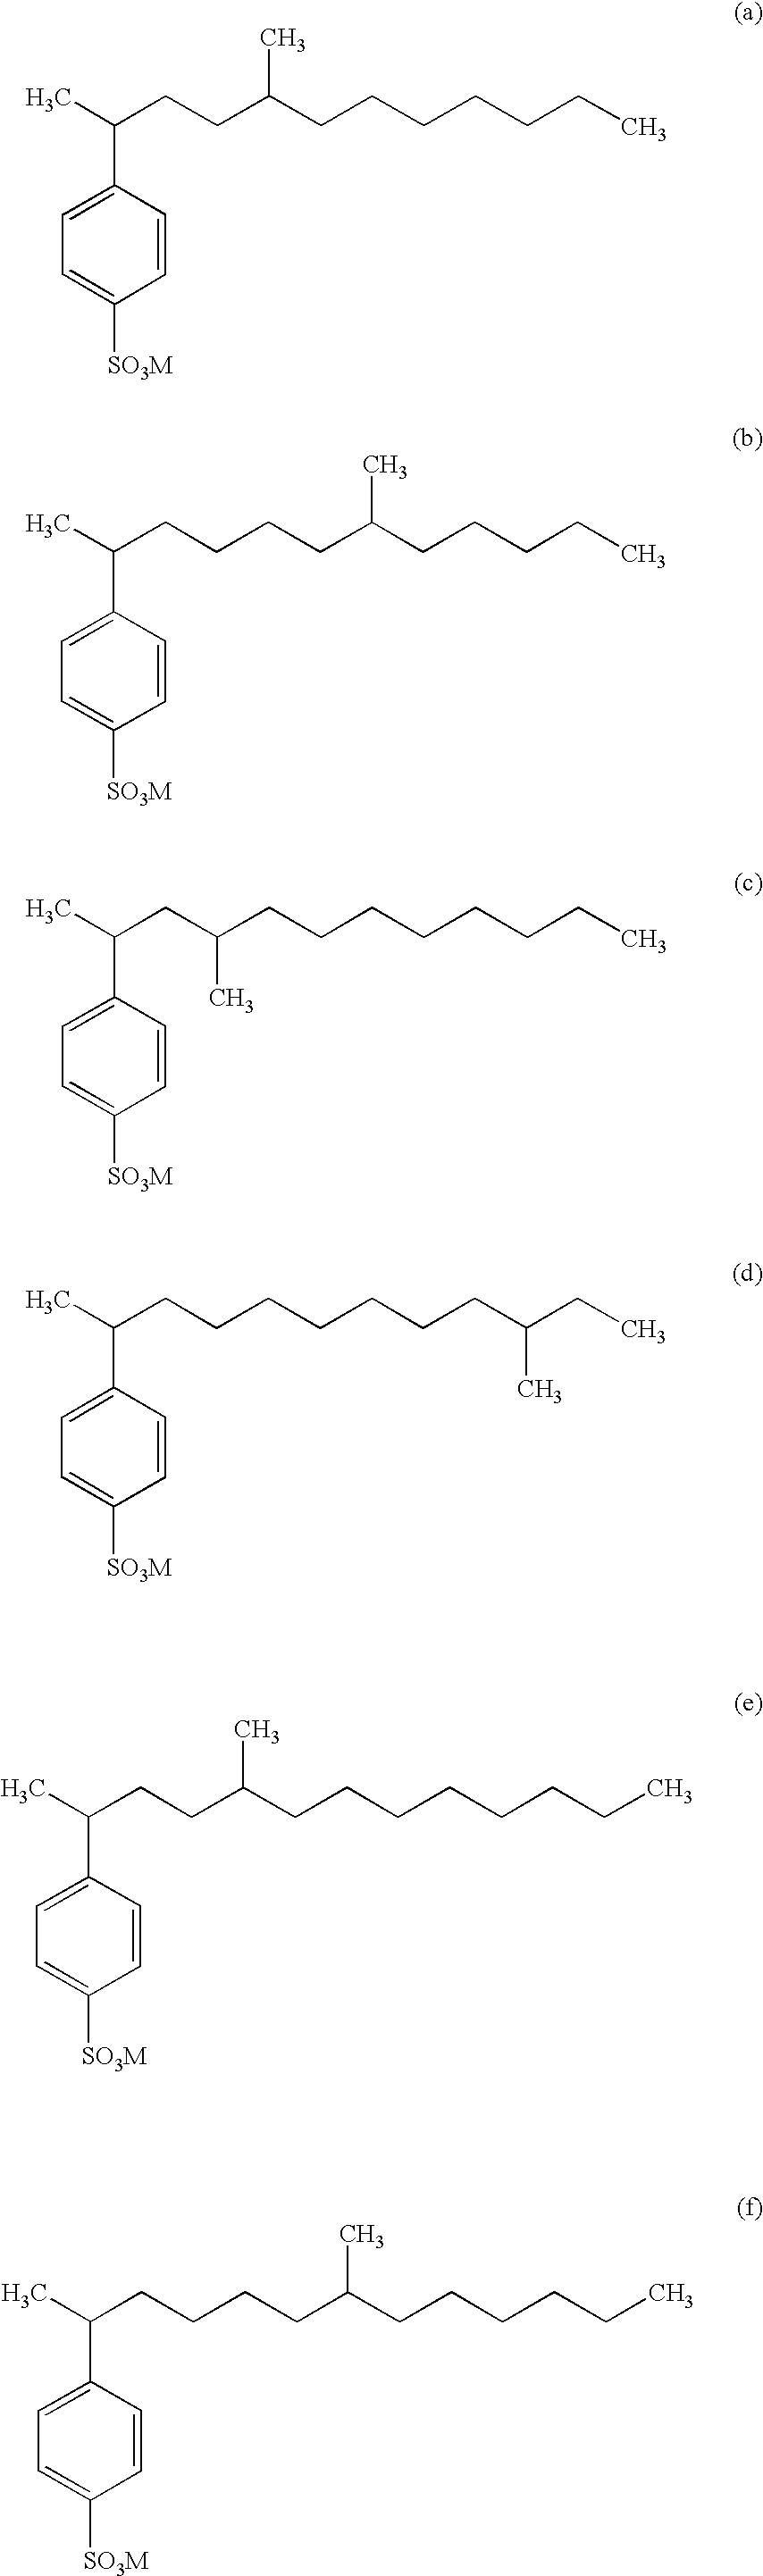 Figure US06514926-20030204-C00008